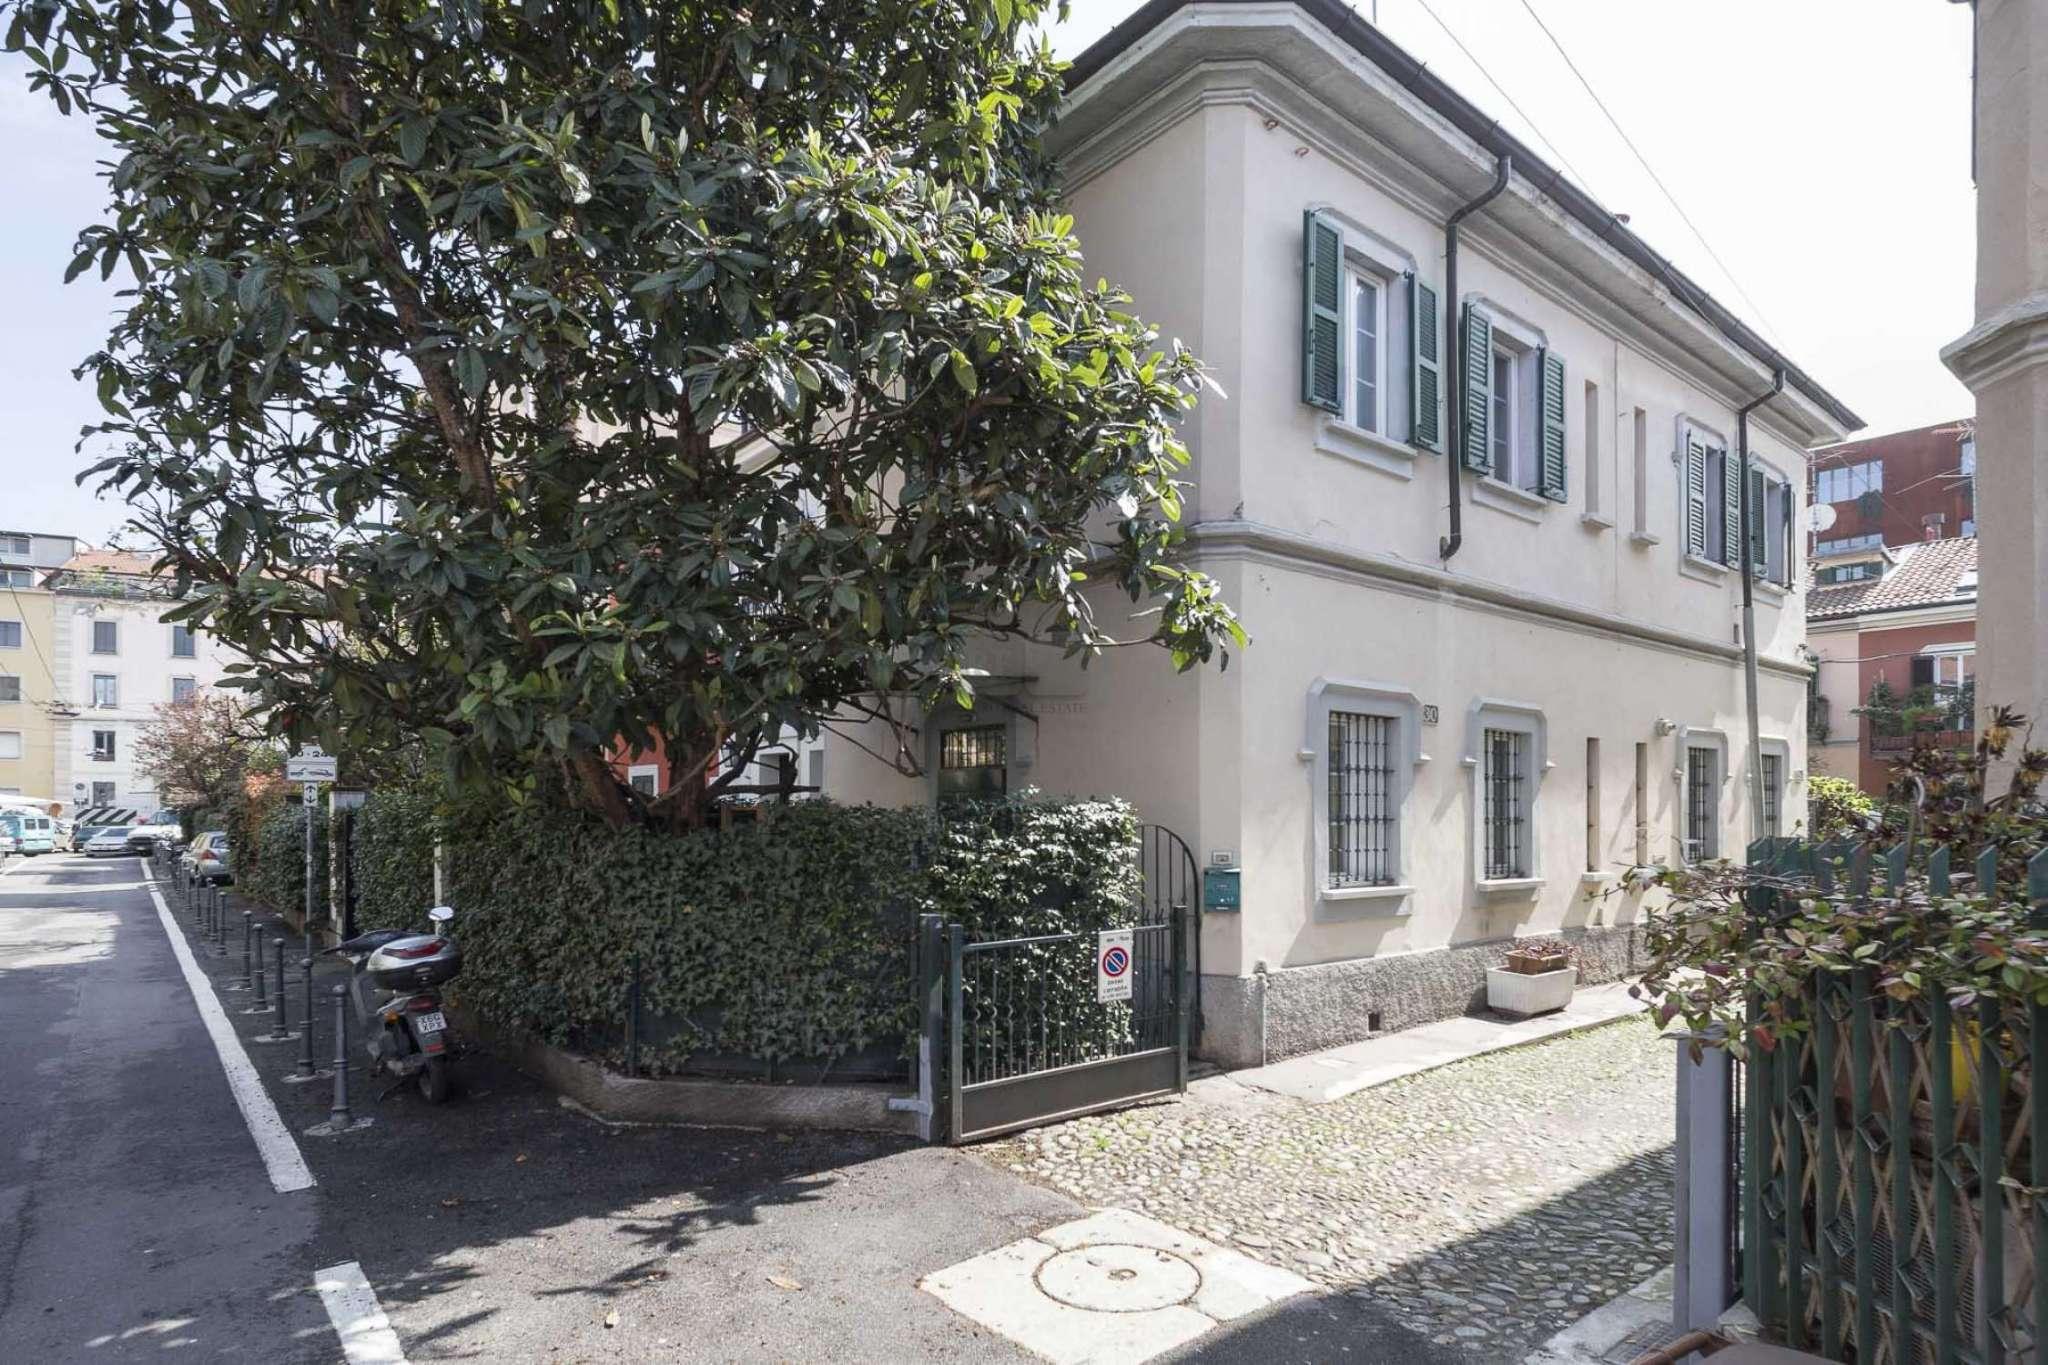 Villa in vendita a Milano, 5 locali, zona Zona: 4 . Buenos Aires, Indipendenza, P.ta Venezia, Regina Giovanna, Dateo, prezzo € 1.700.000   CambioCasa.it